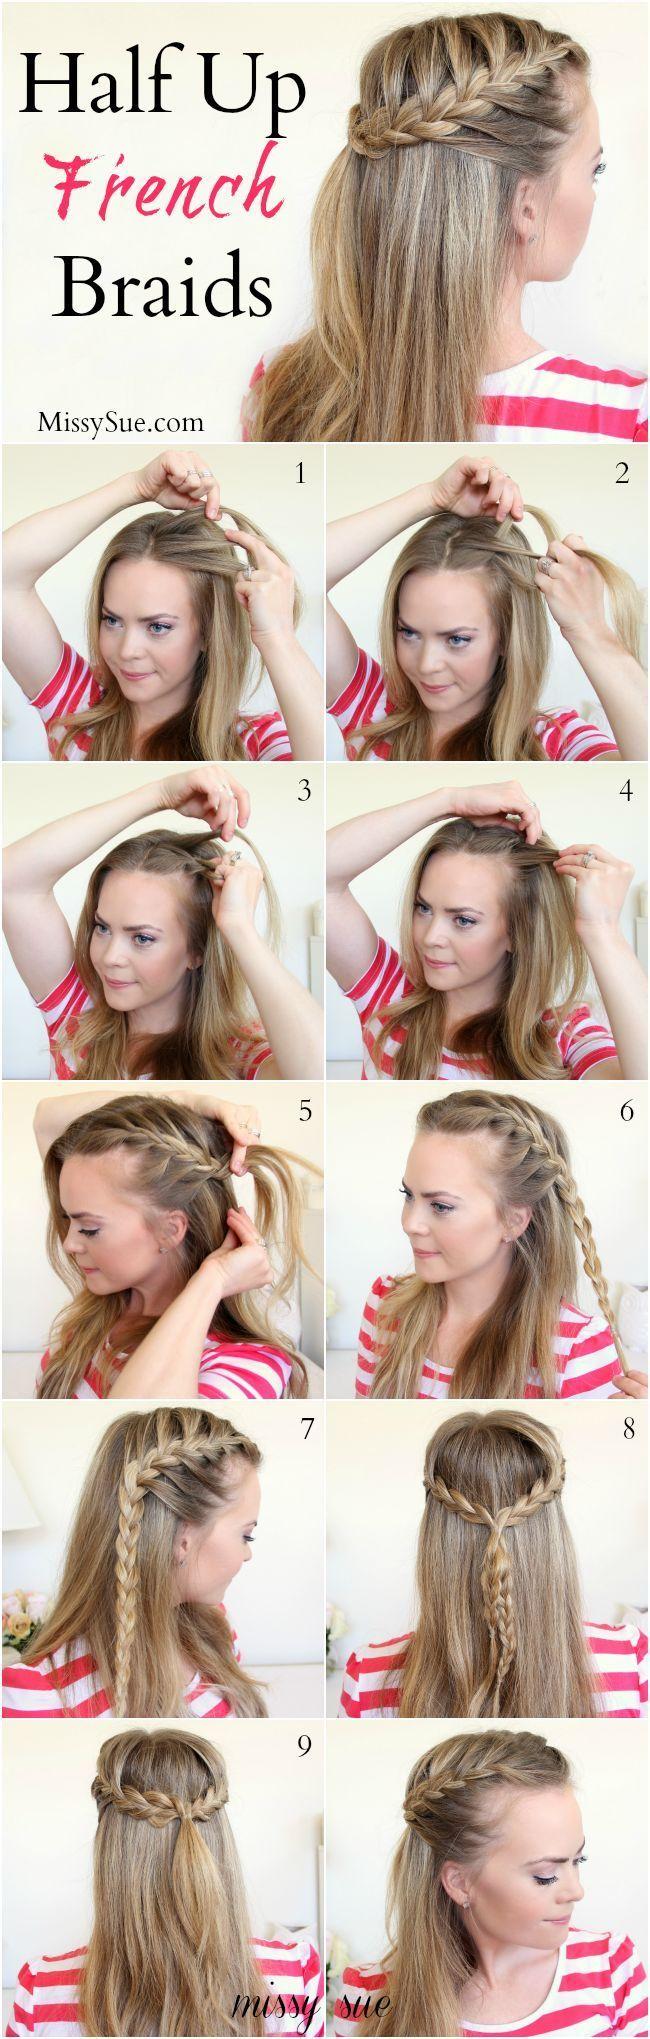 30+ 15 Easy Braid Tutorials, die Sie noch nie probiert haben ,